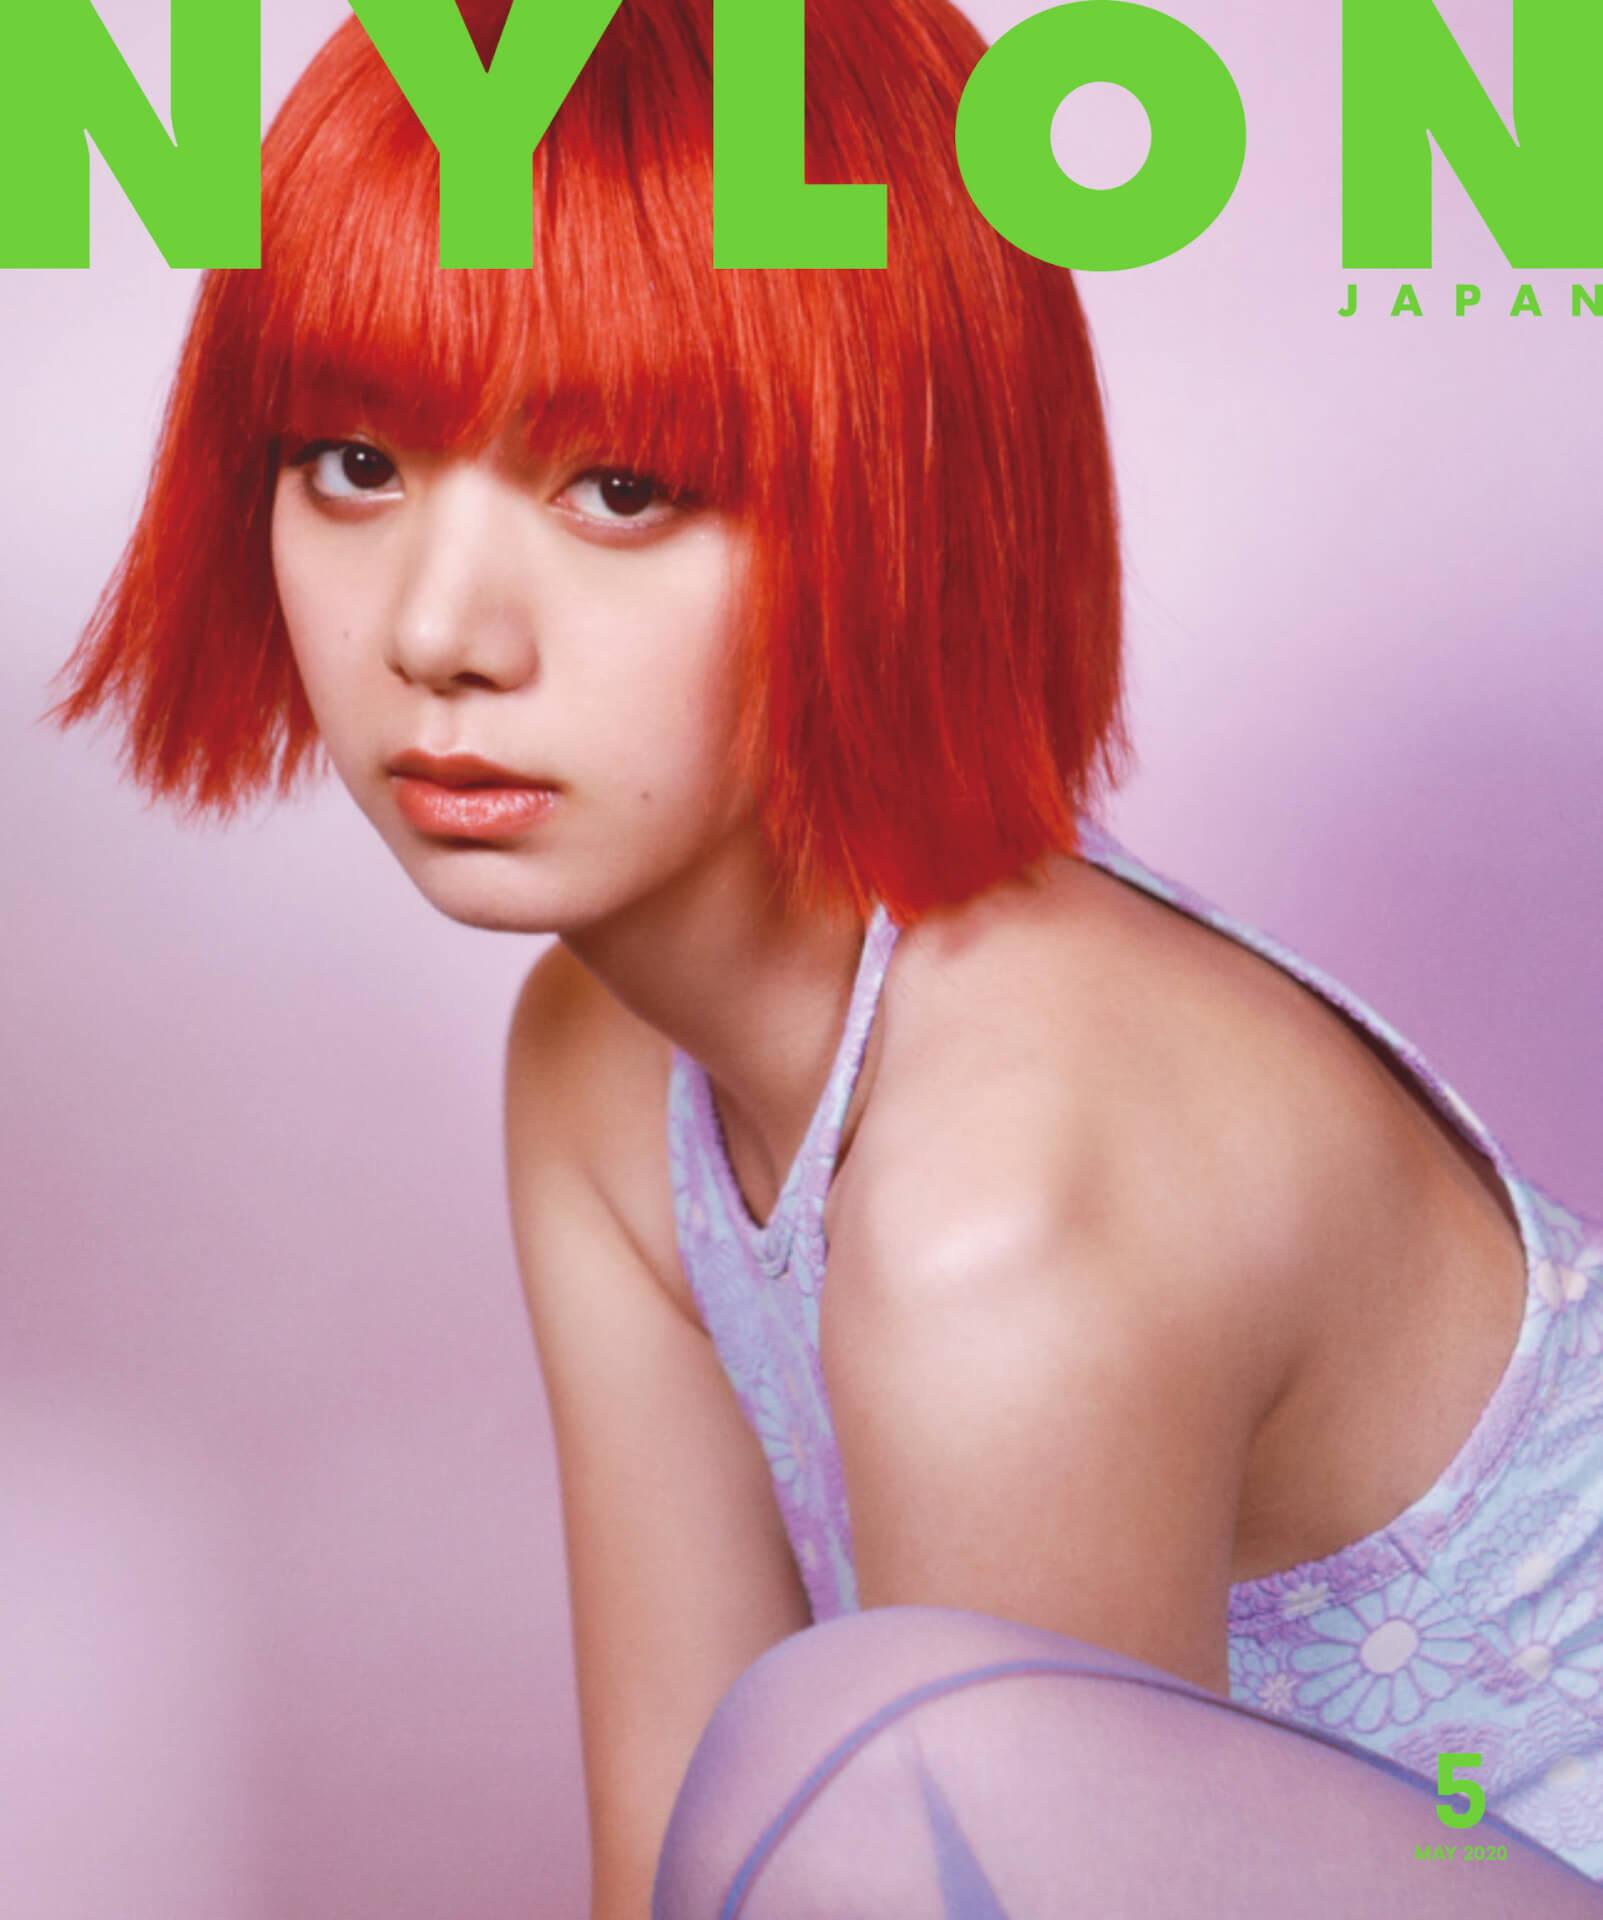 池⽥エライザが『NYLON JAPAN』最新号で大胆不敵なオレンジのおかっぱを披露!『NYLON guys』では佐藤健と渡邊圭祐のミニフォトカードも art200316_elaiza_nylon_9